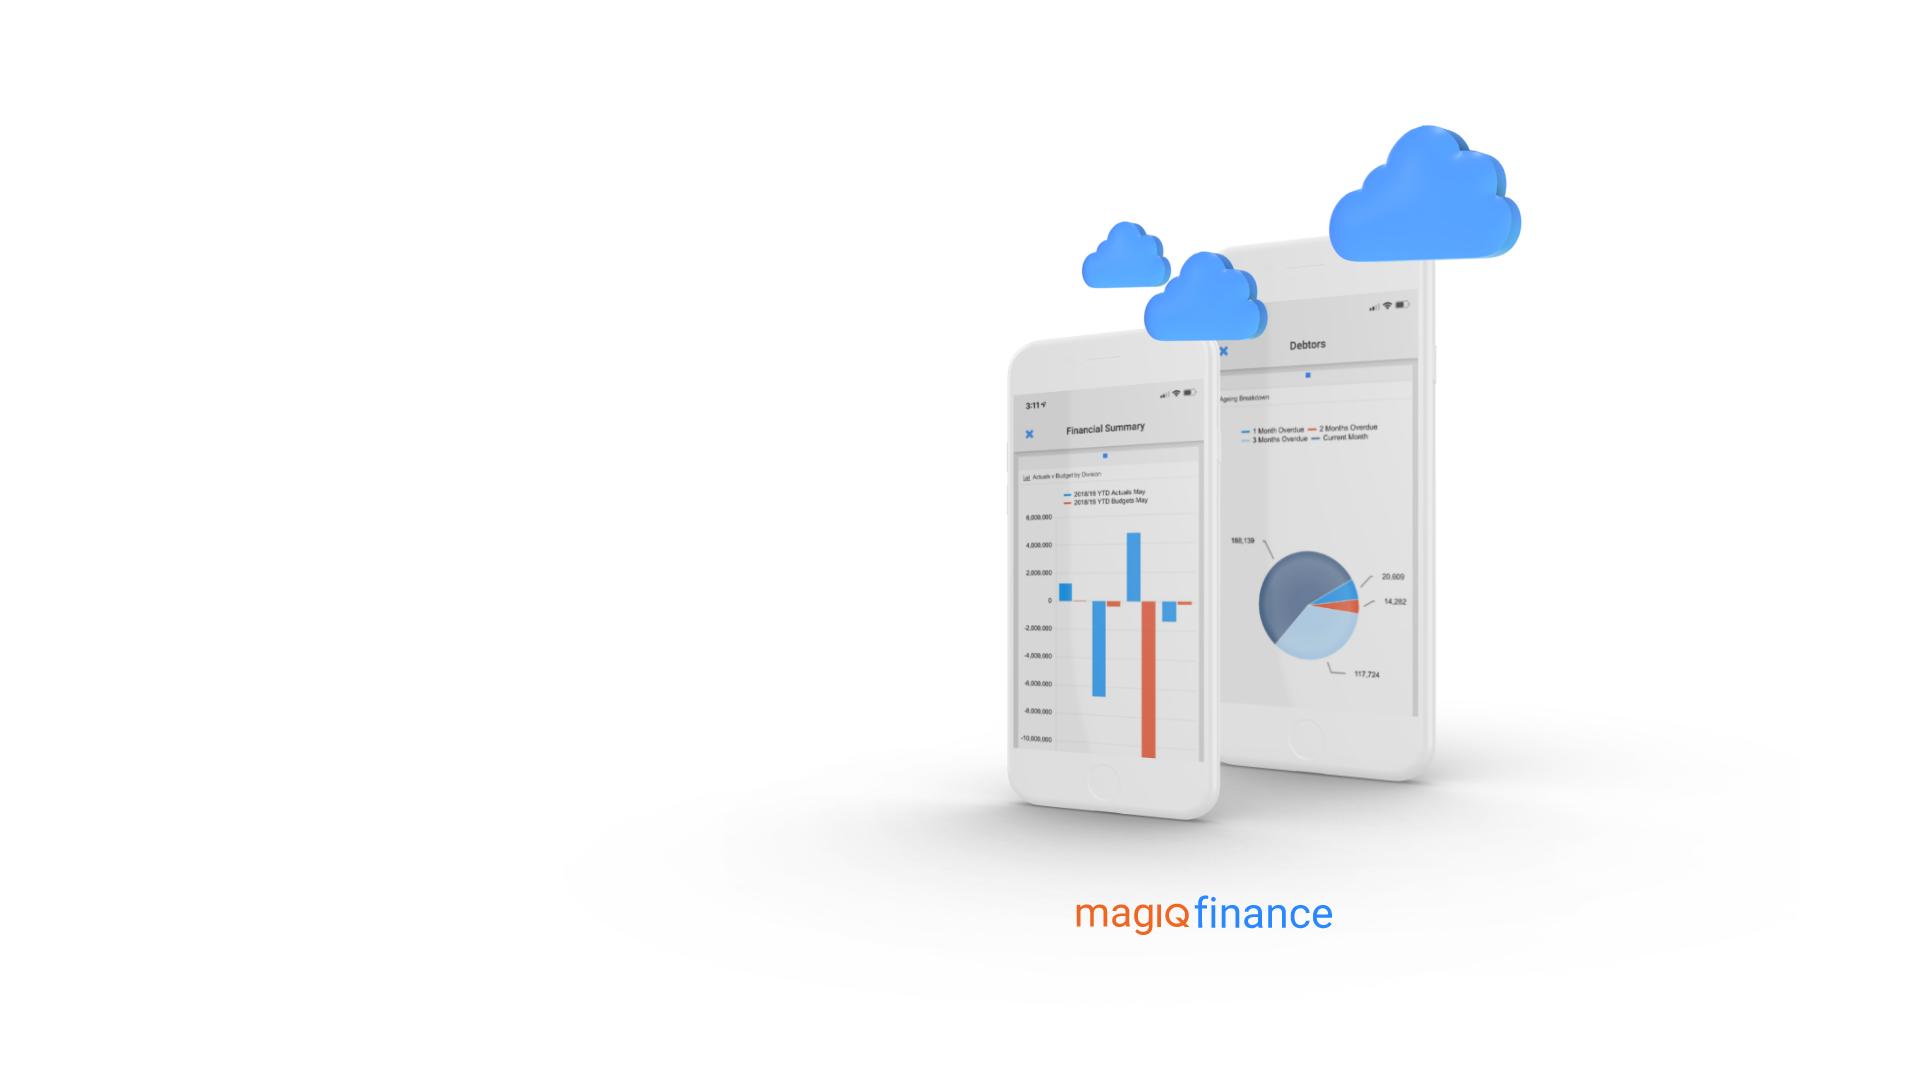 MAGIQ Finance